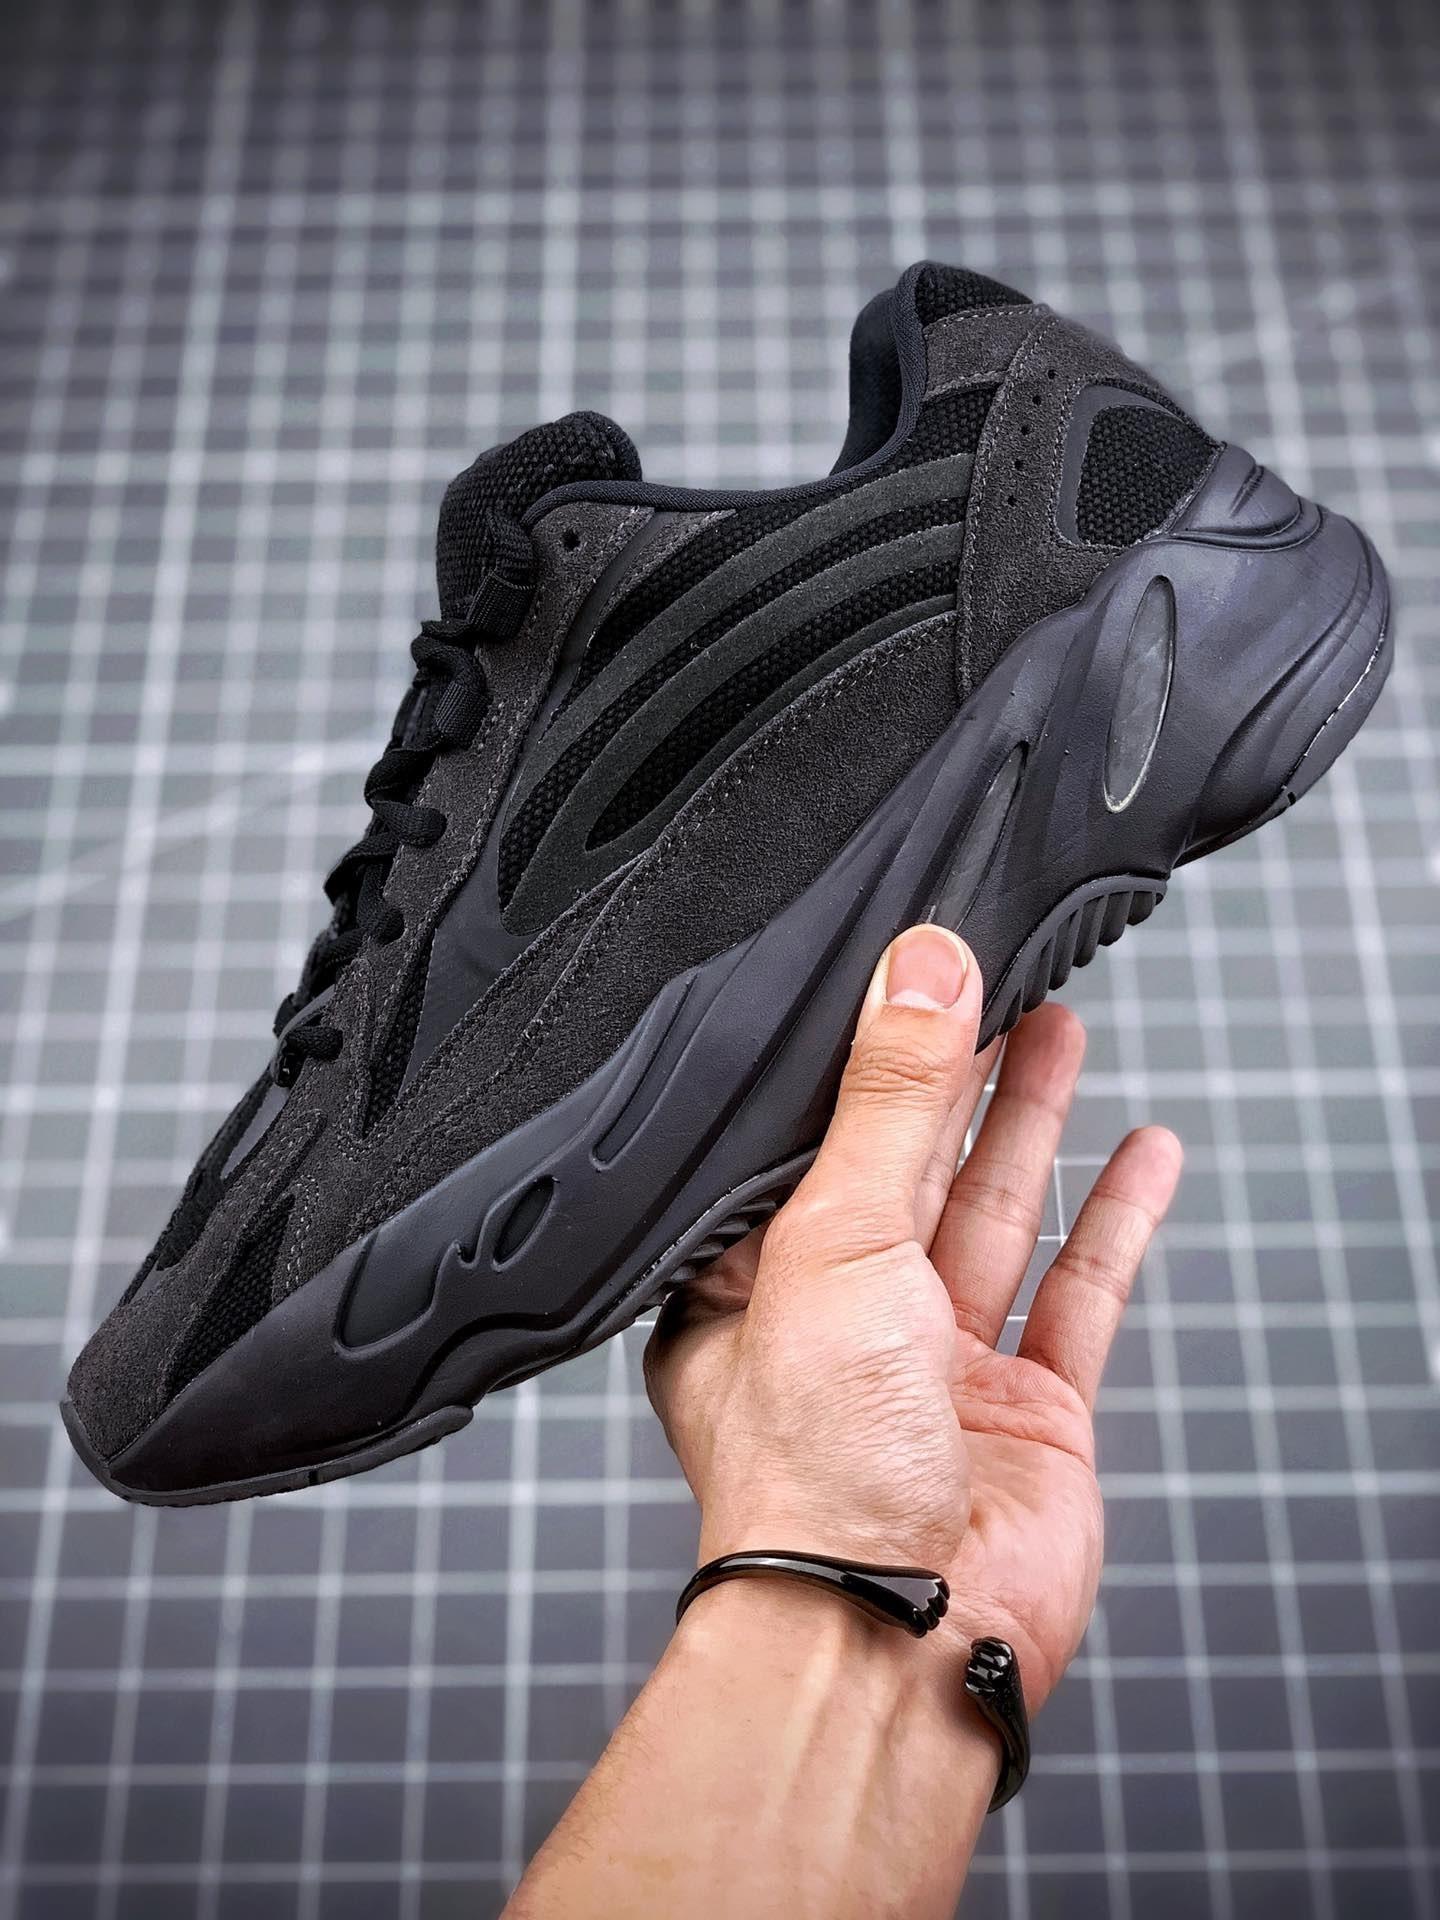 2019 700 2 3 Оптовая V Vanta Волна Бегун Kanye West Черный M Светоотражающие Работает Мужчины Женщины Спортивная Обувь На Открытом Воздухе